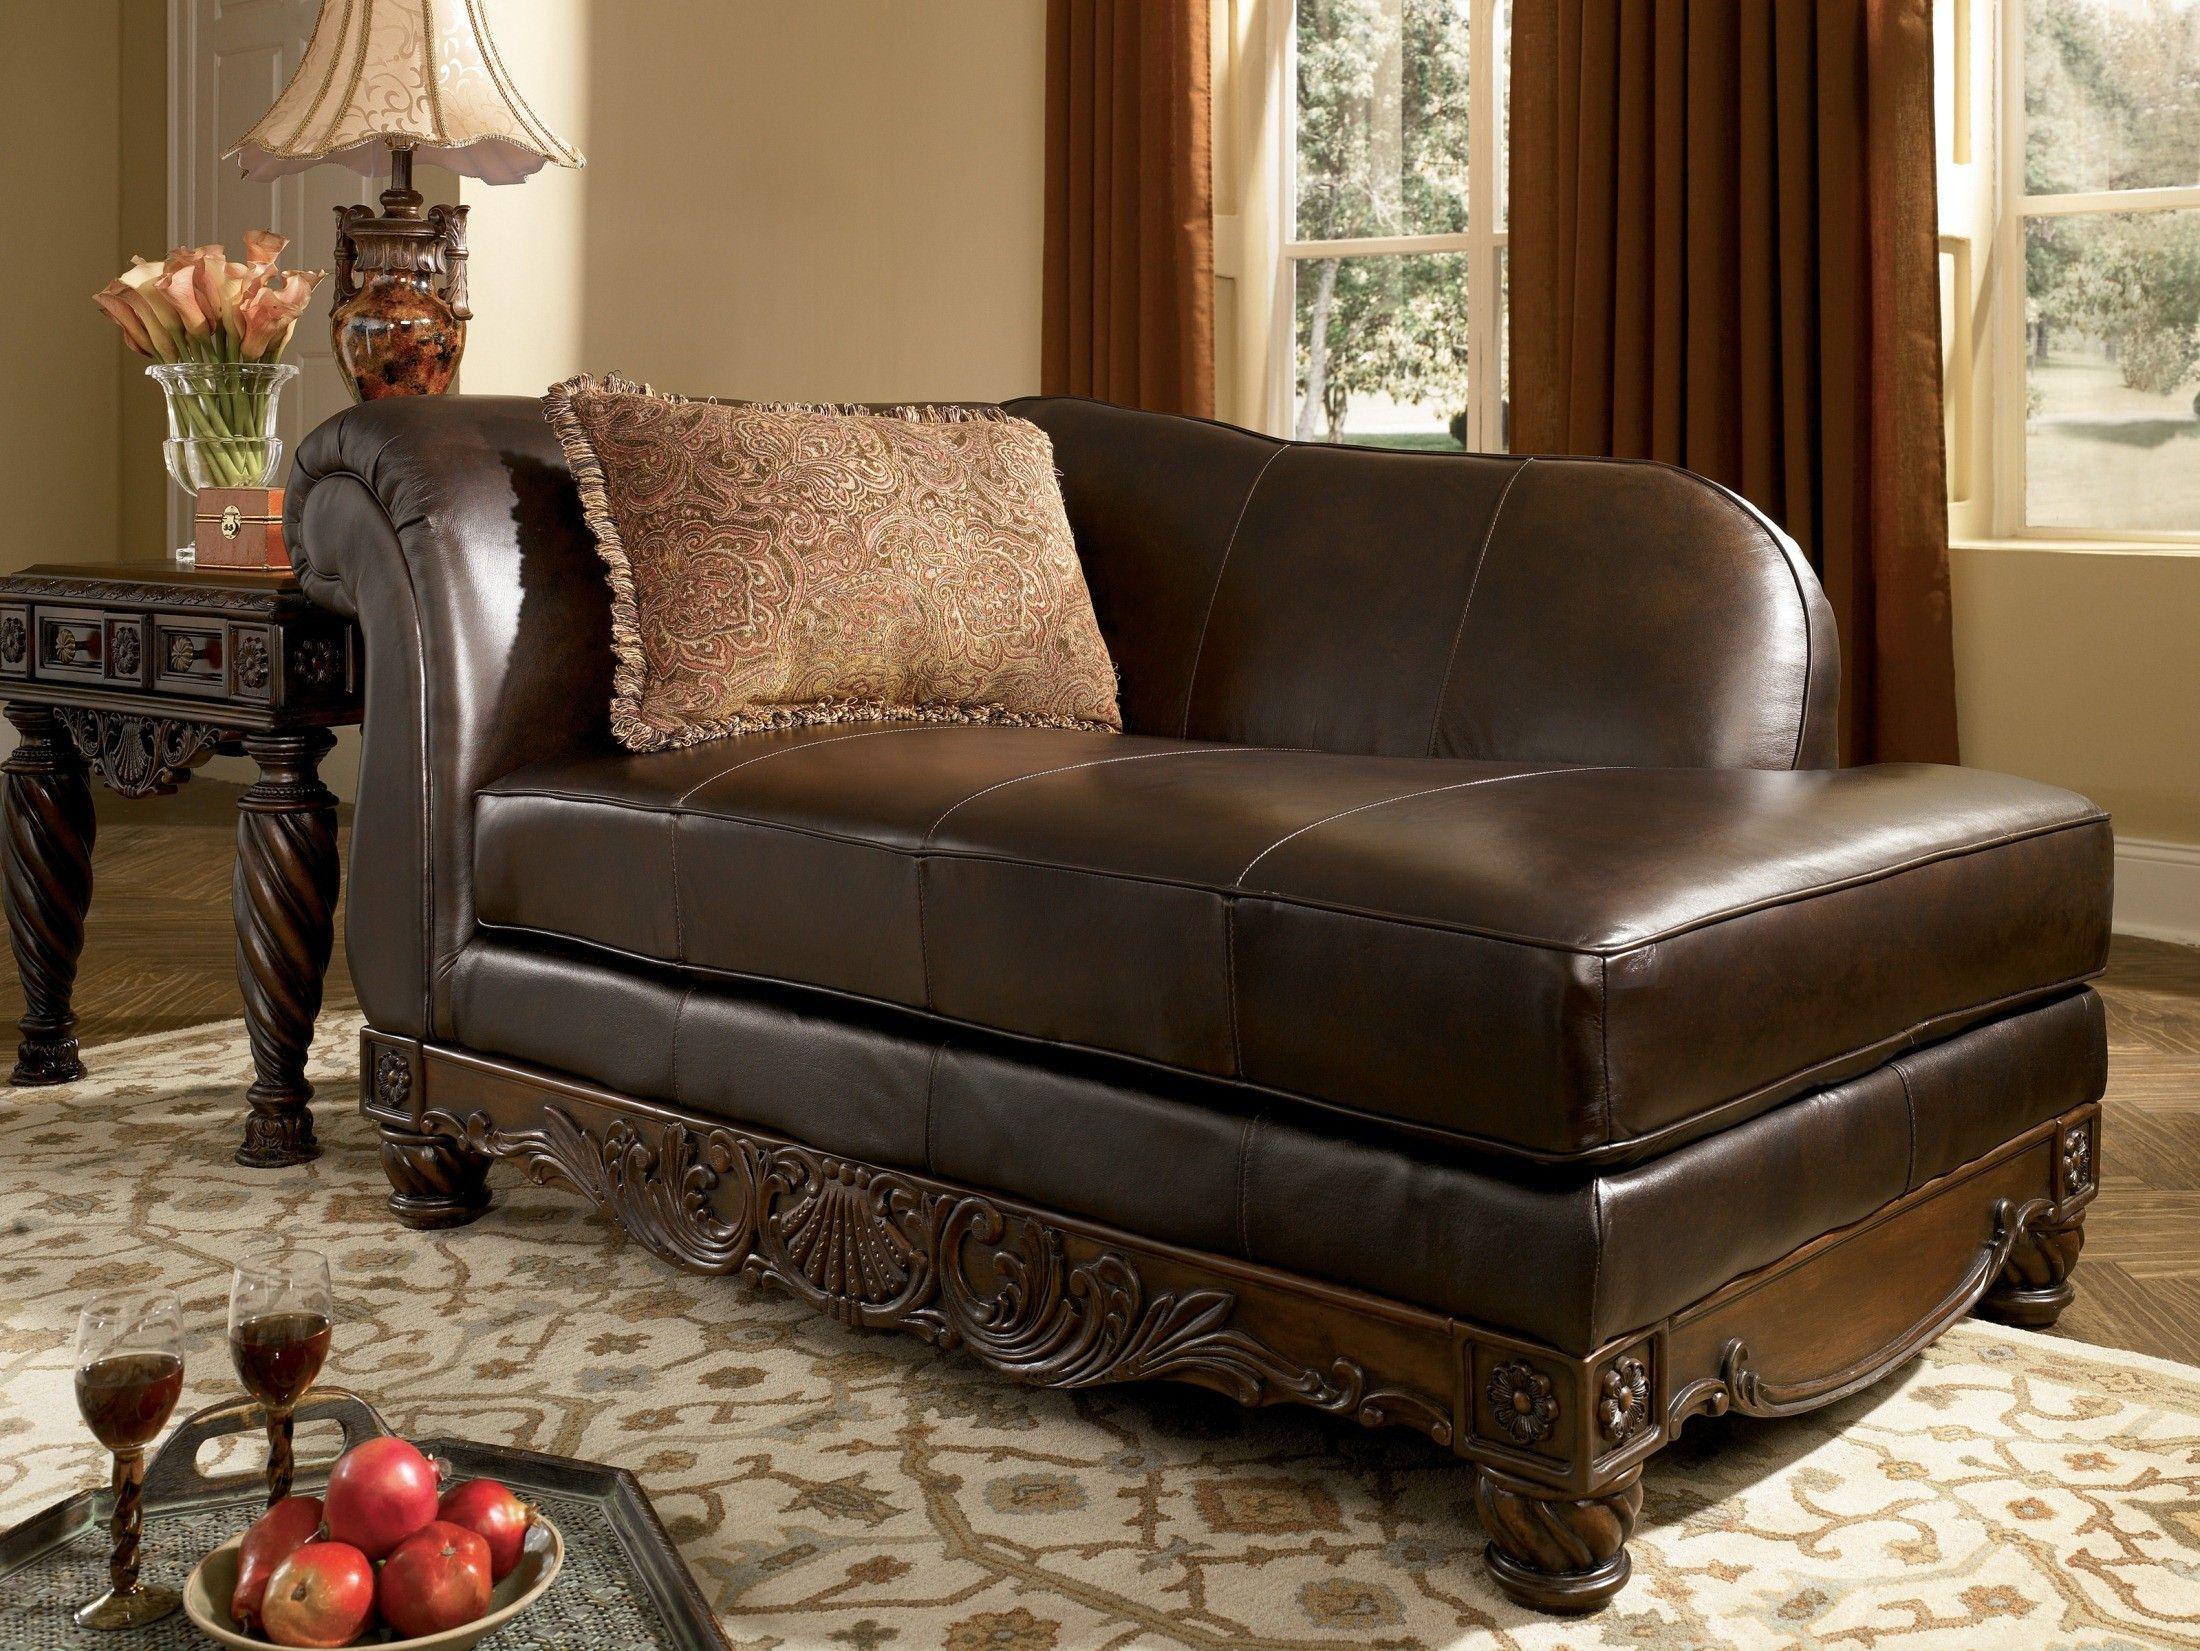 Ashley Furniture Living room sets, Furniture, Home decor